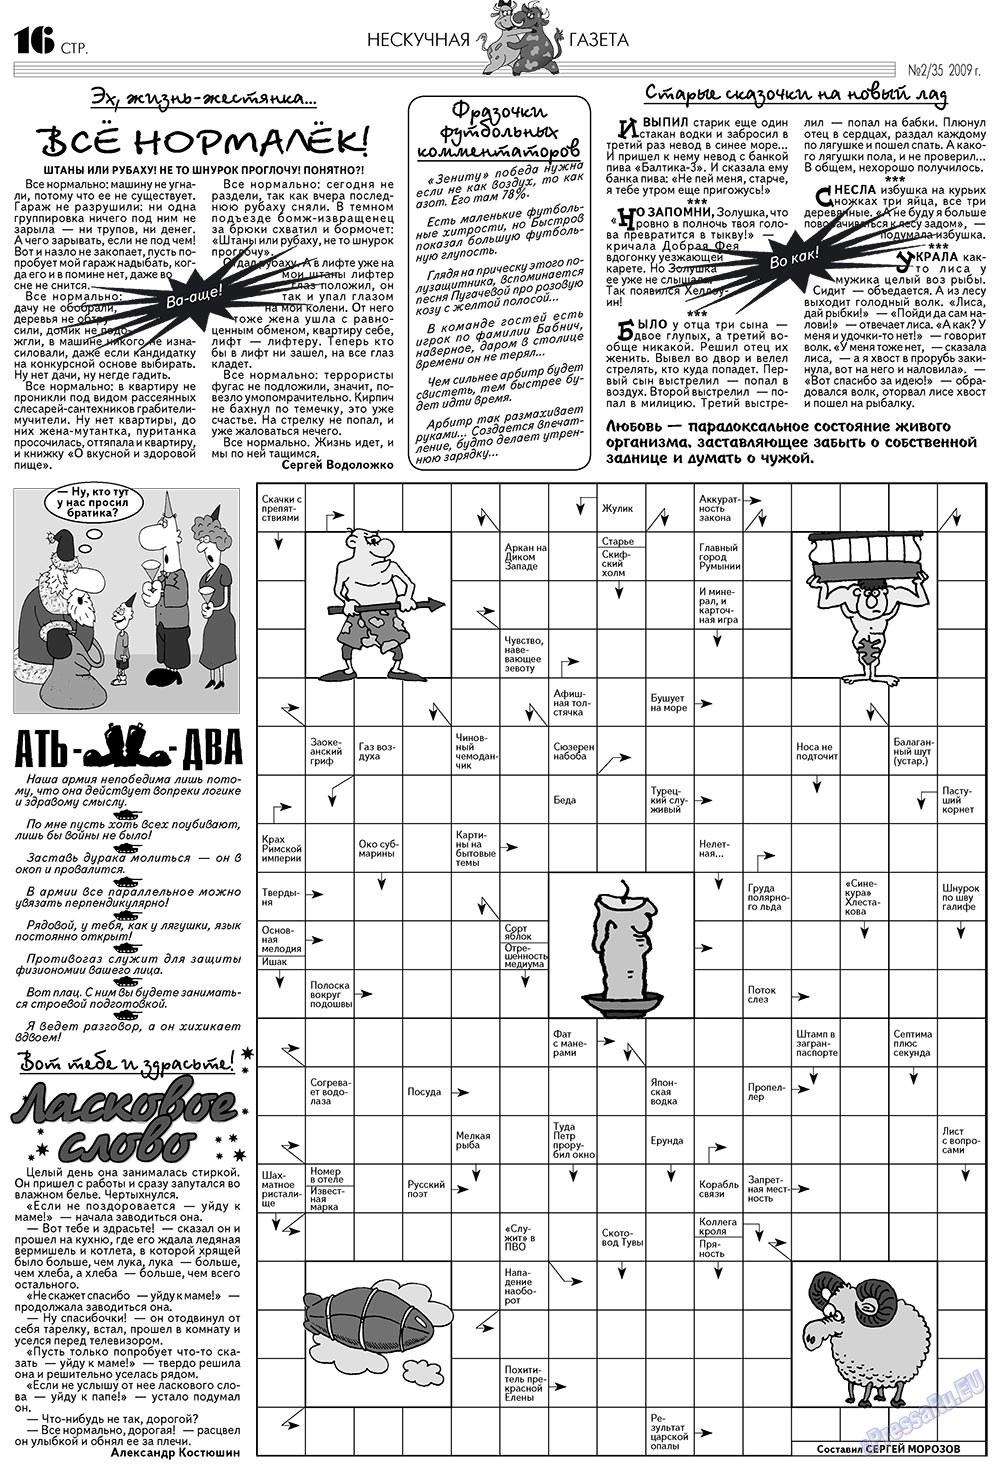 Нескучная газета (газета). 2009 год, номер 2, стр. 13